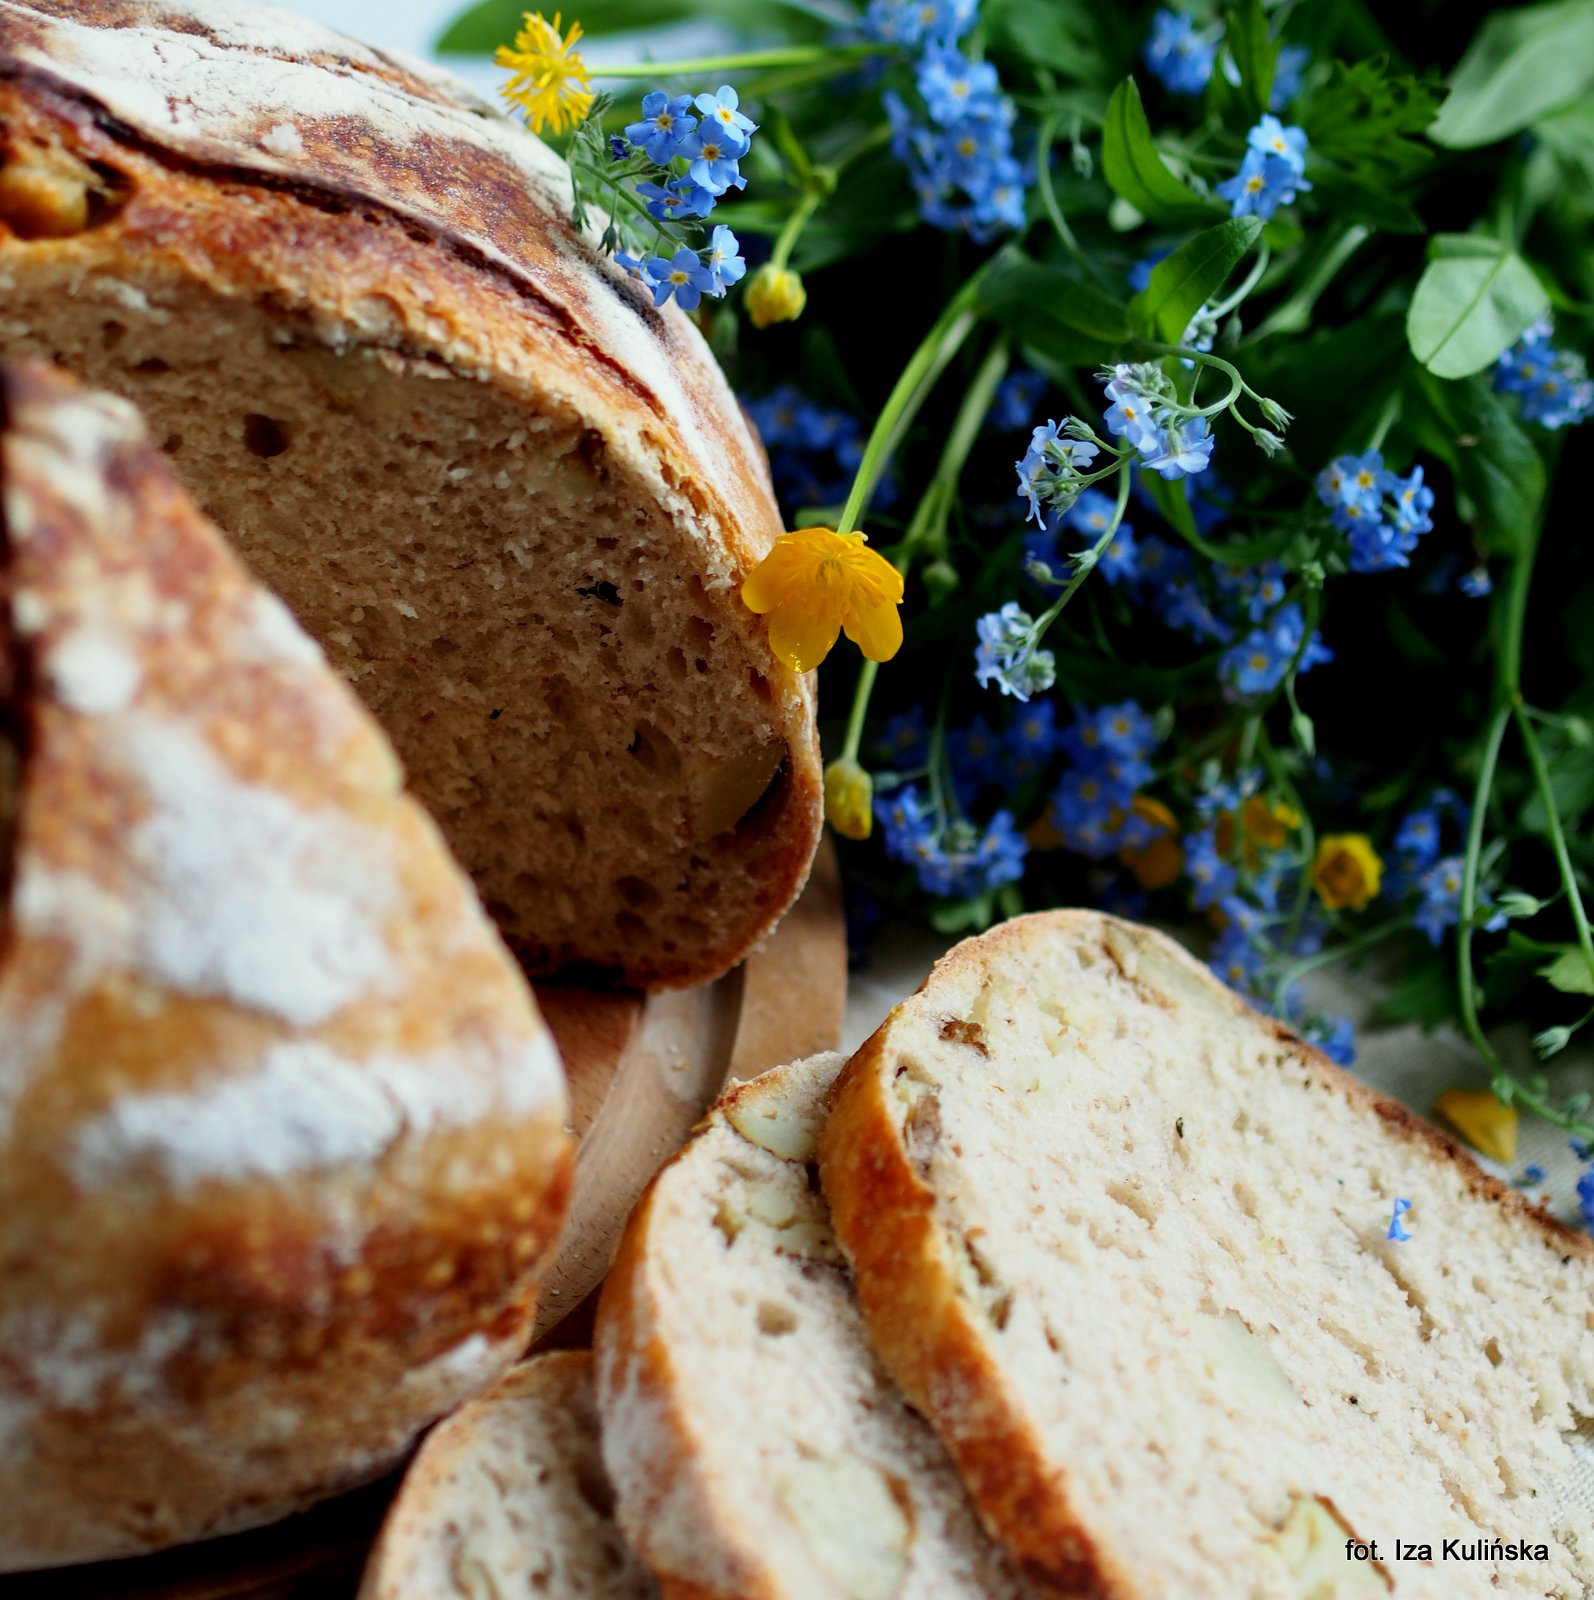 Domowe pieczywo. Chleb z pieczonymi ziemniakami i rozmarynem.